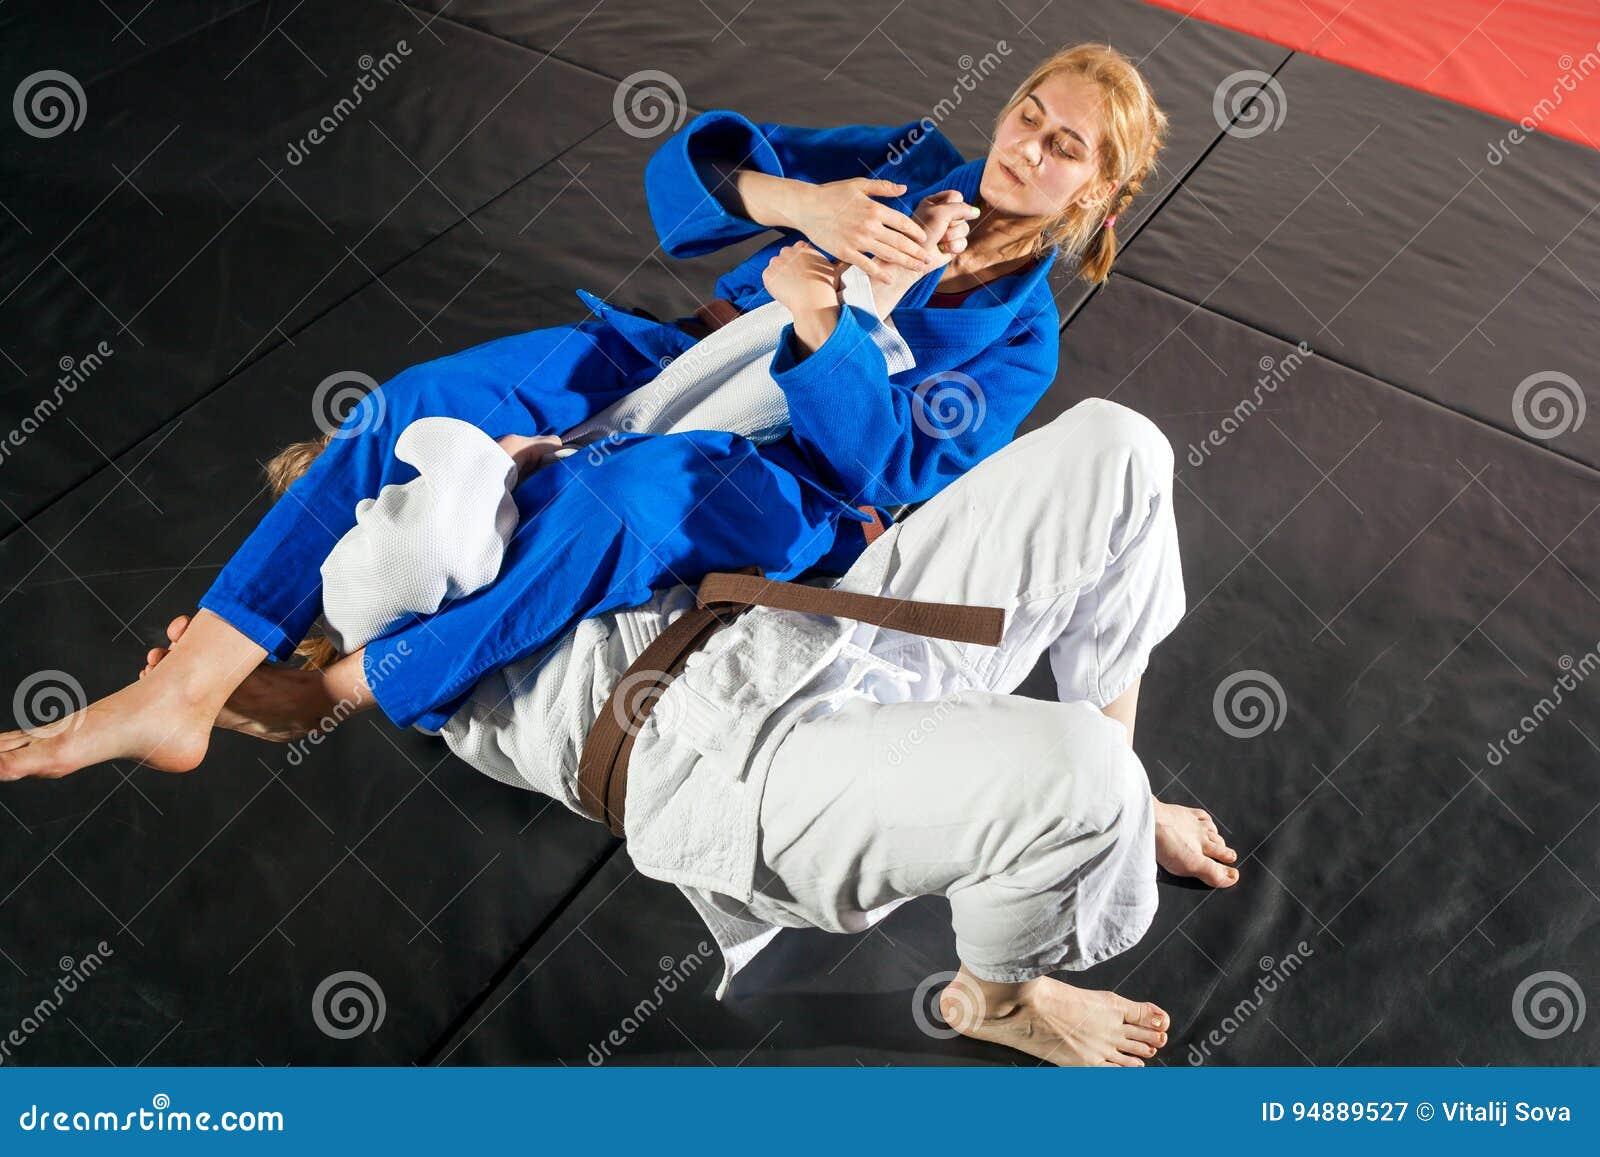 2 женщины воюют на tatami